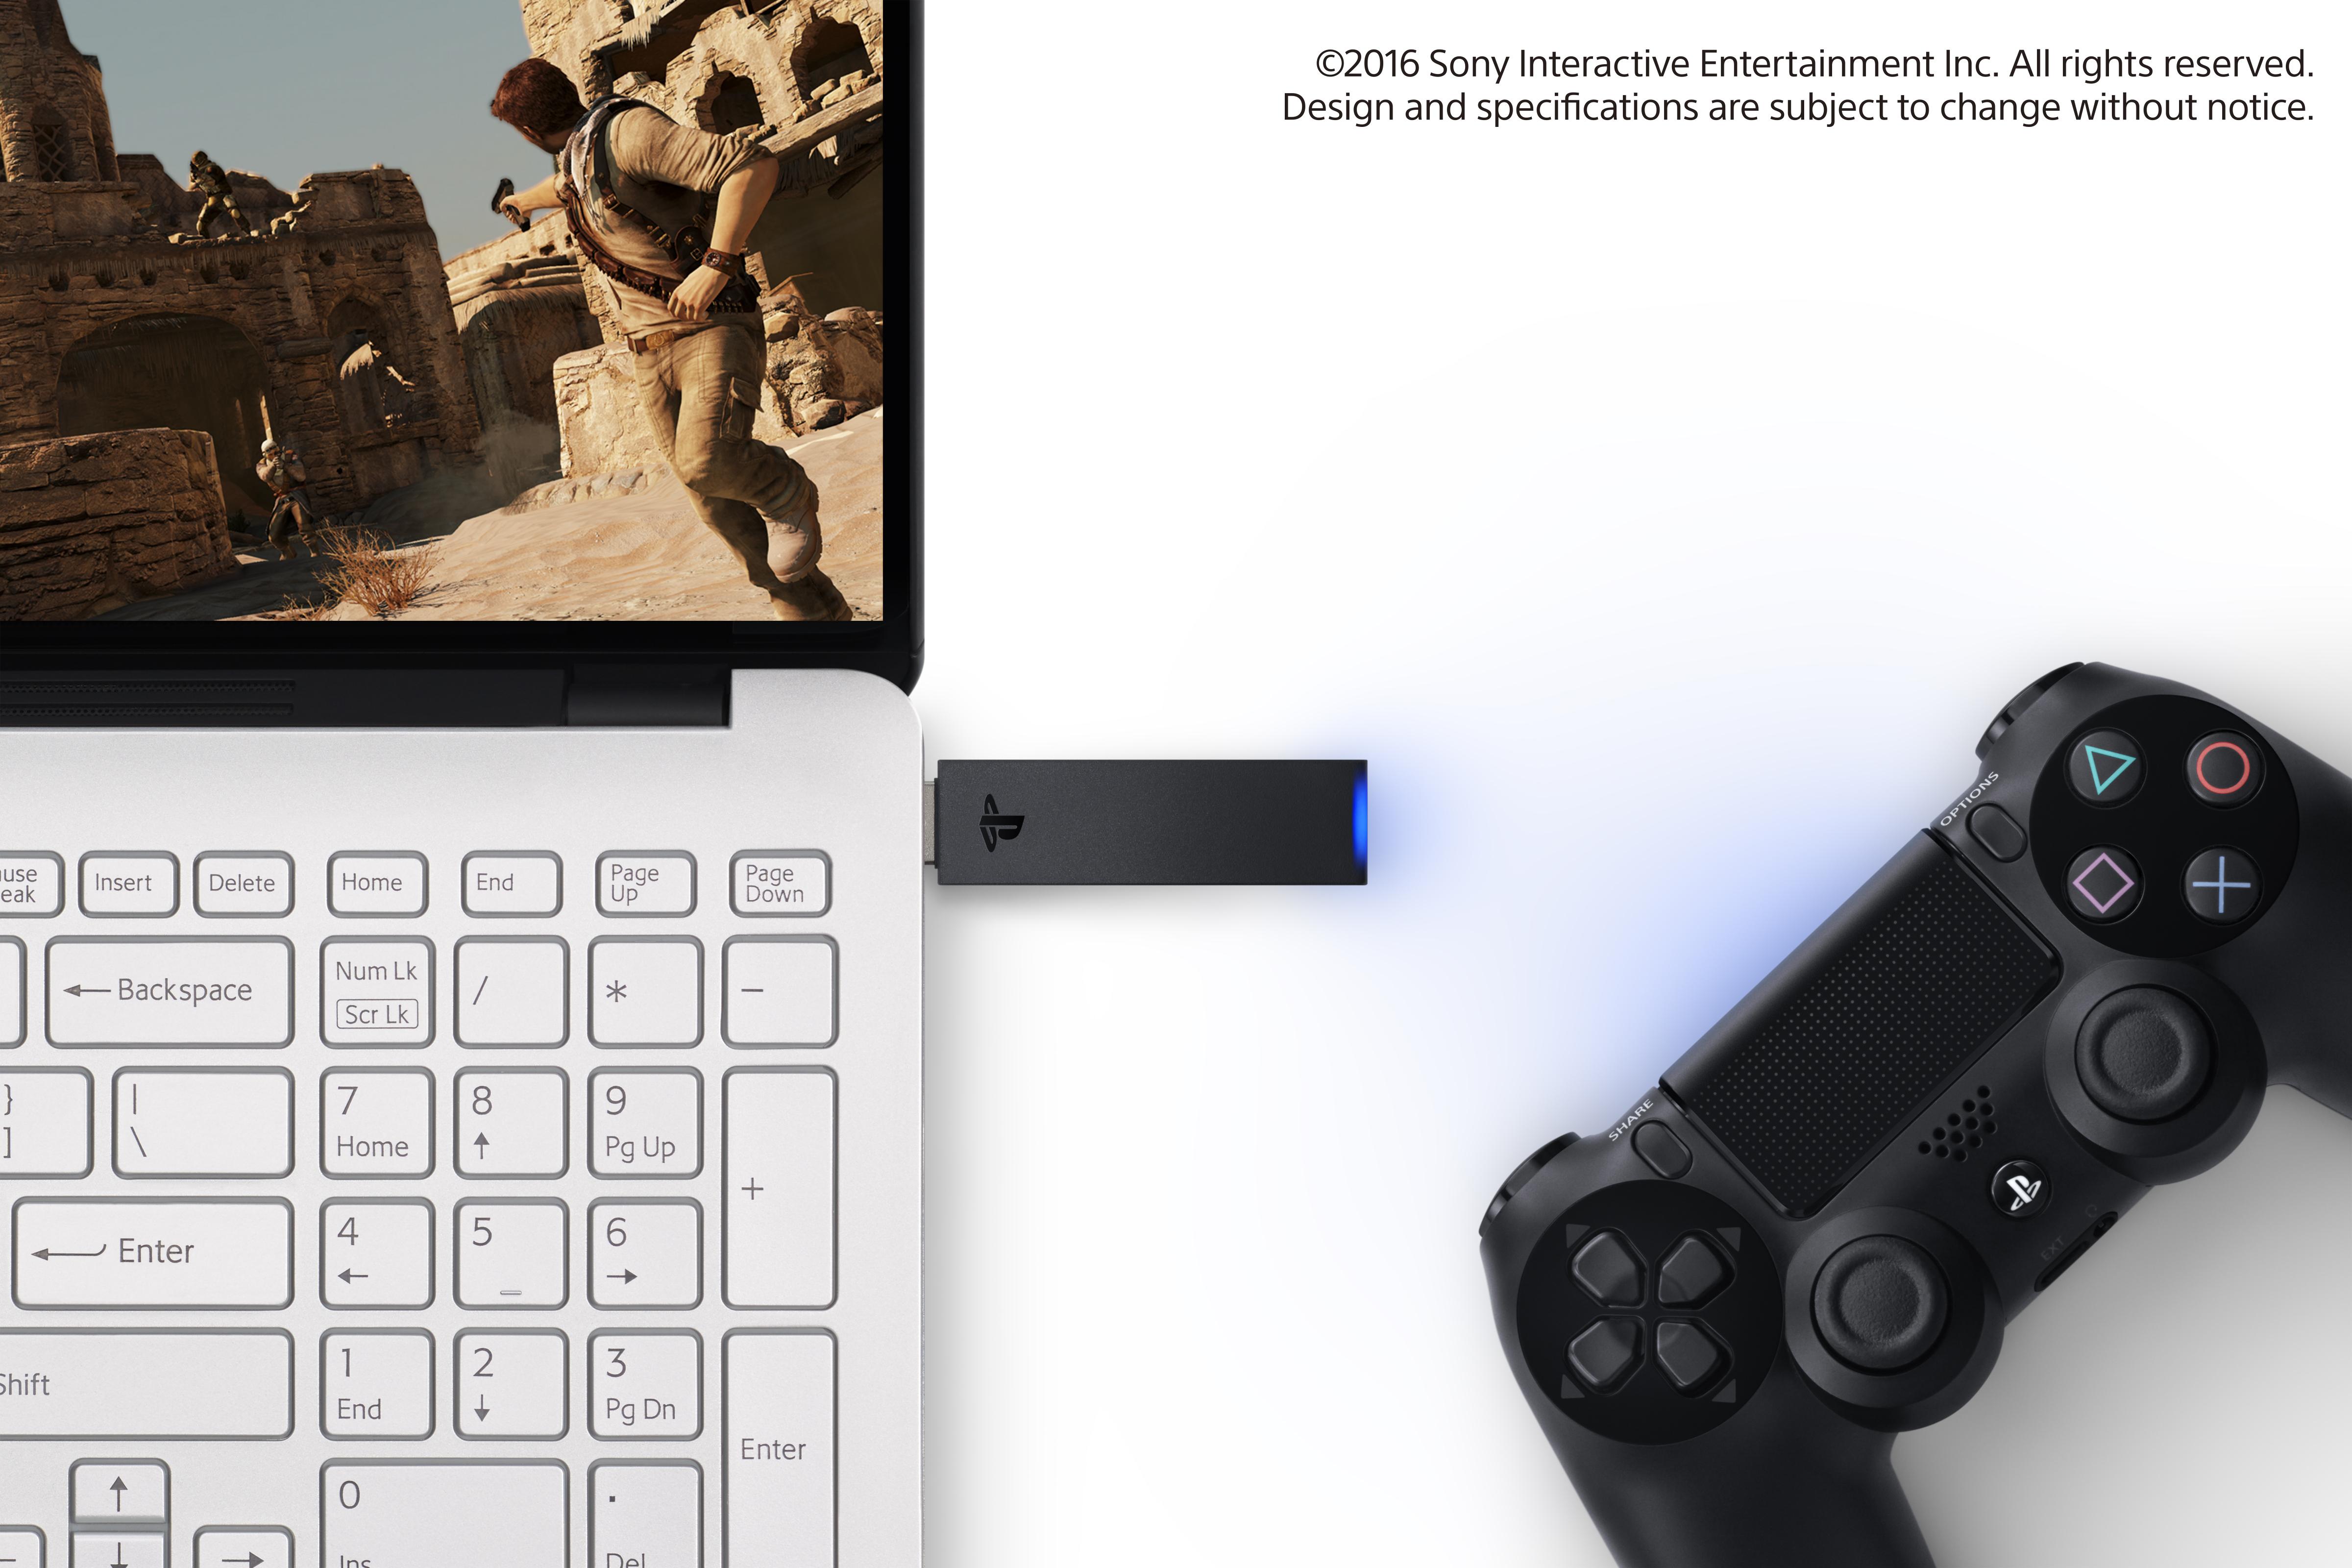 Oficiálně: Služba PlayStation Now bude k dispozici i na PC 129268